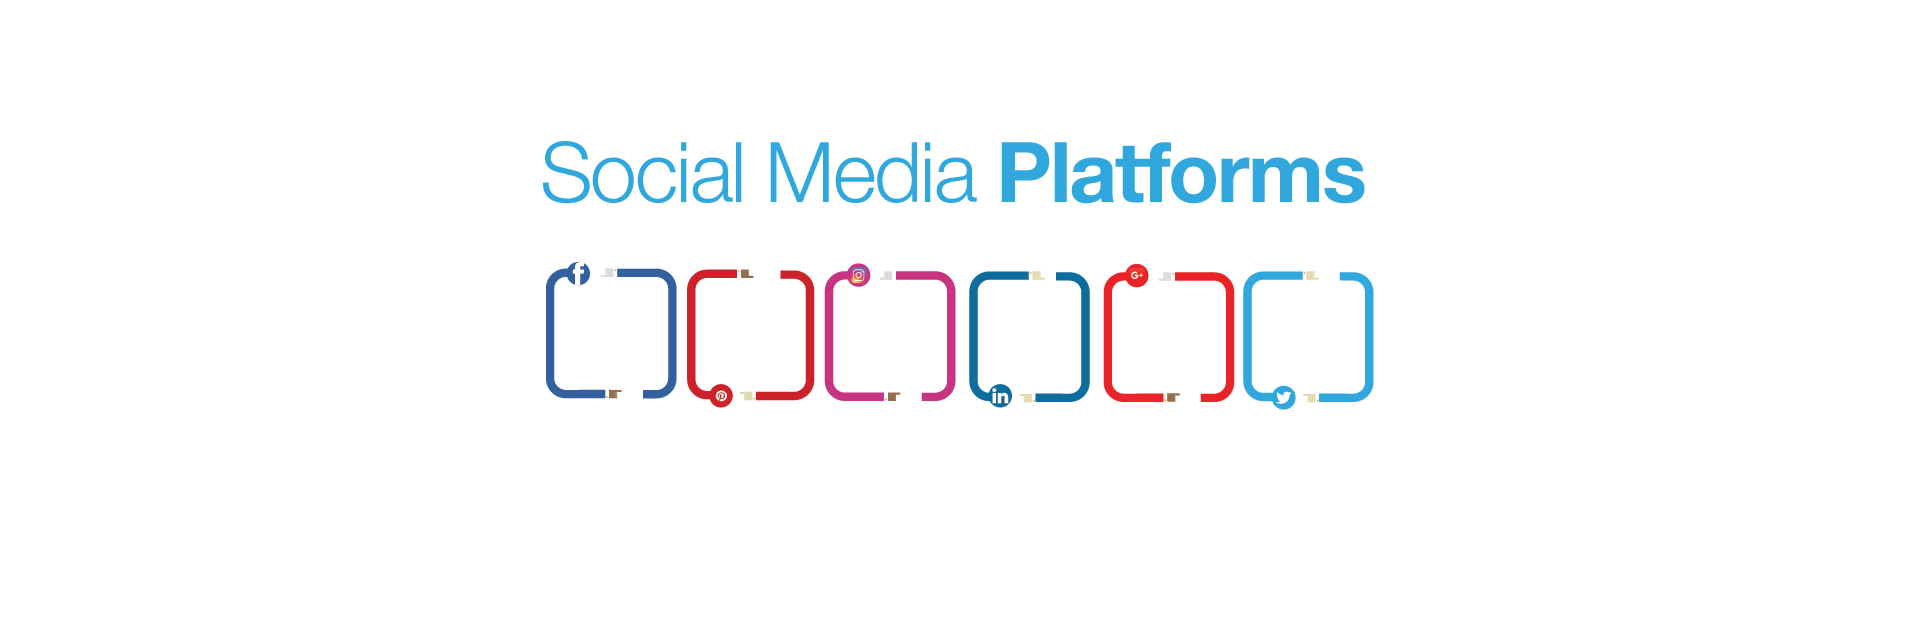 social-media-agency-platforms-md-dc-va